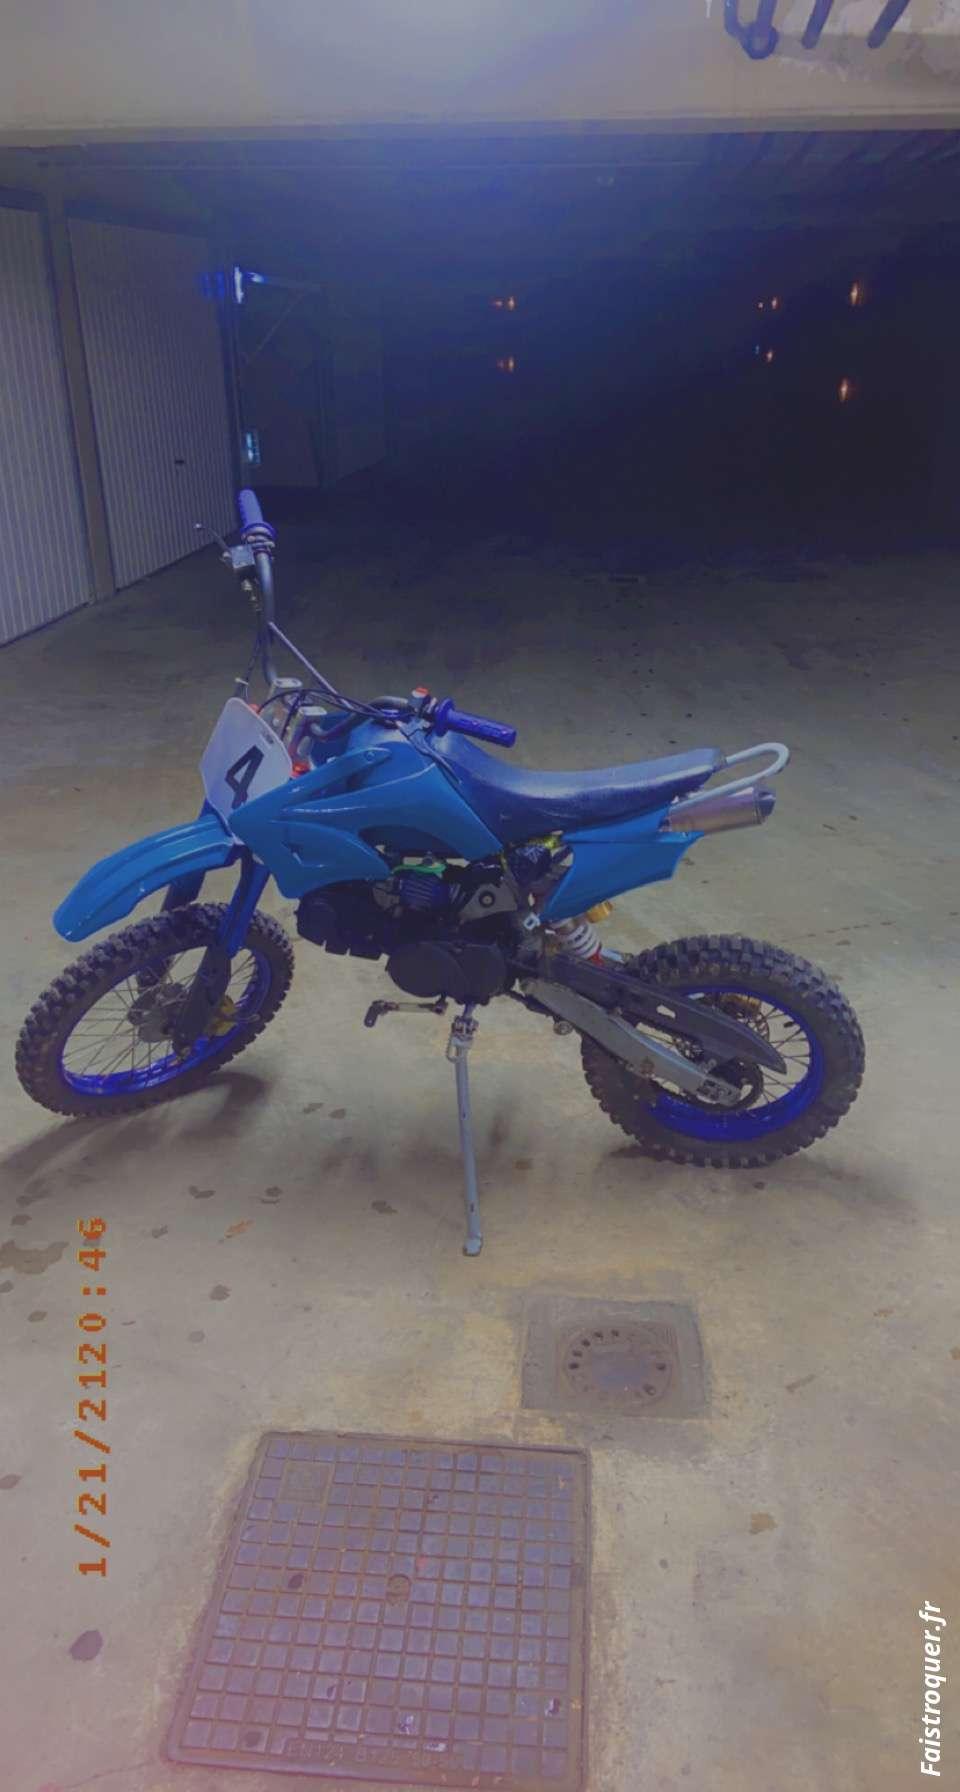 Dirt 125 cc